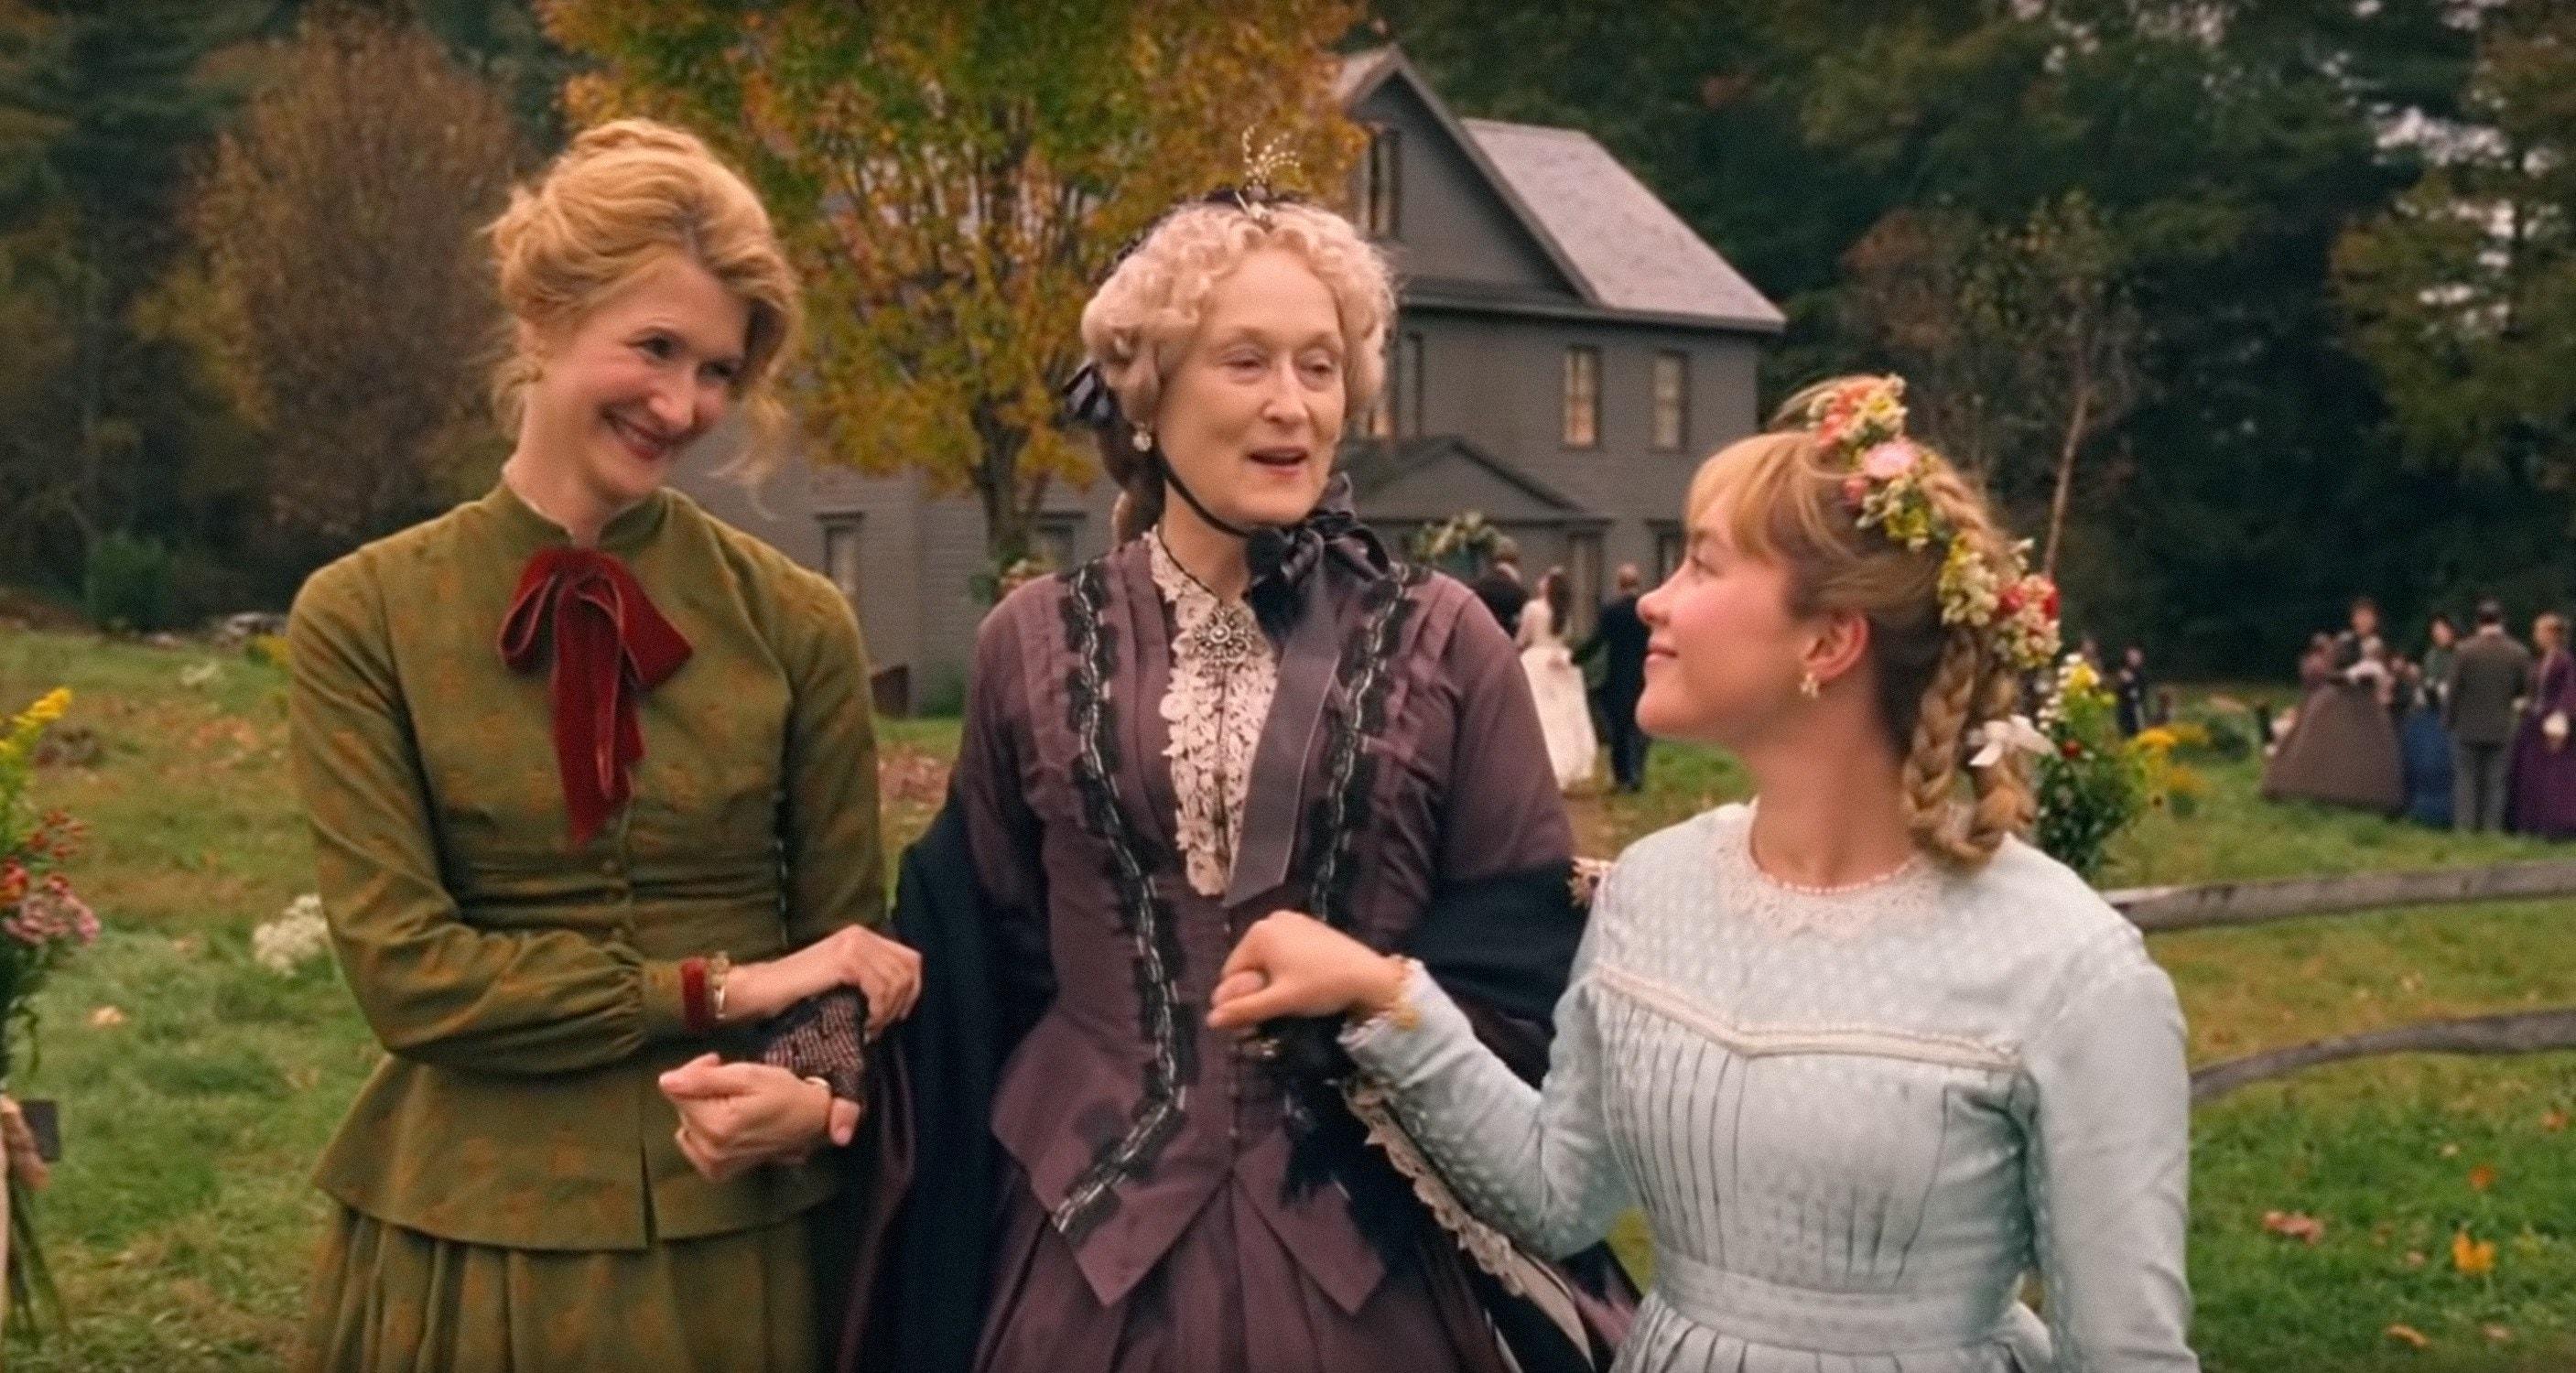 Phục trang ấn tượng trong Little Women, xuất sắc giành tượng vàng tại lễ trao giải Oscar